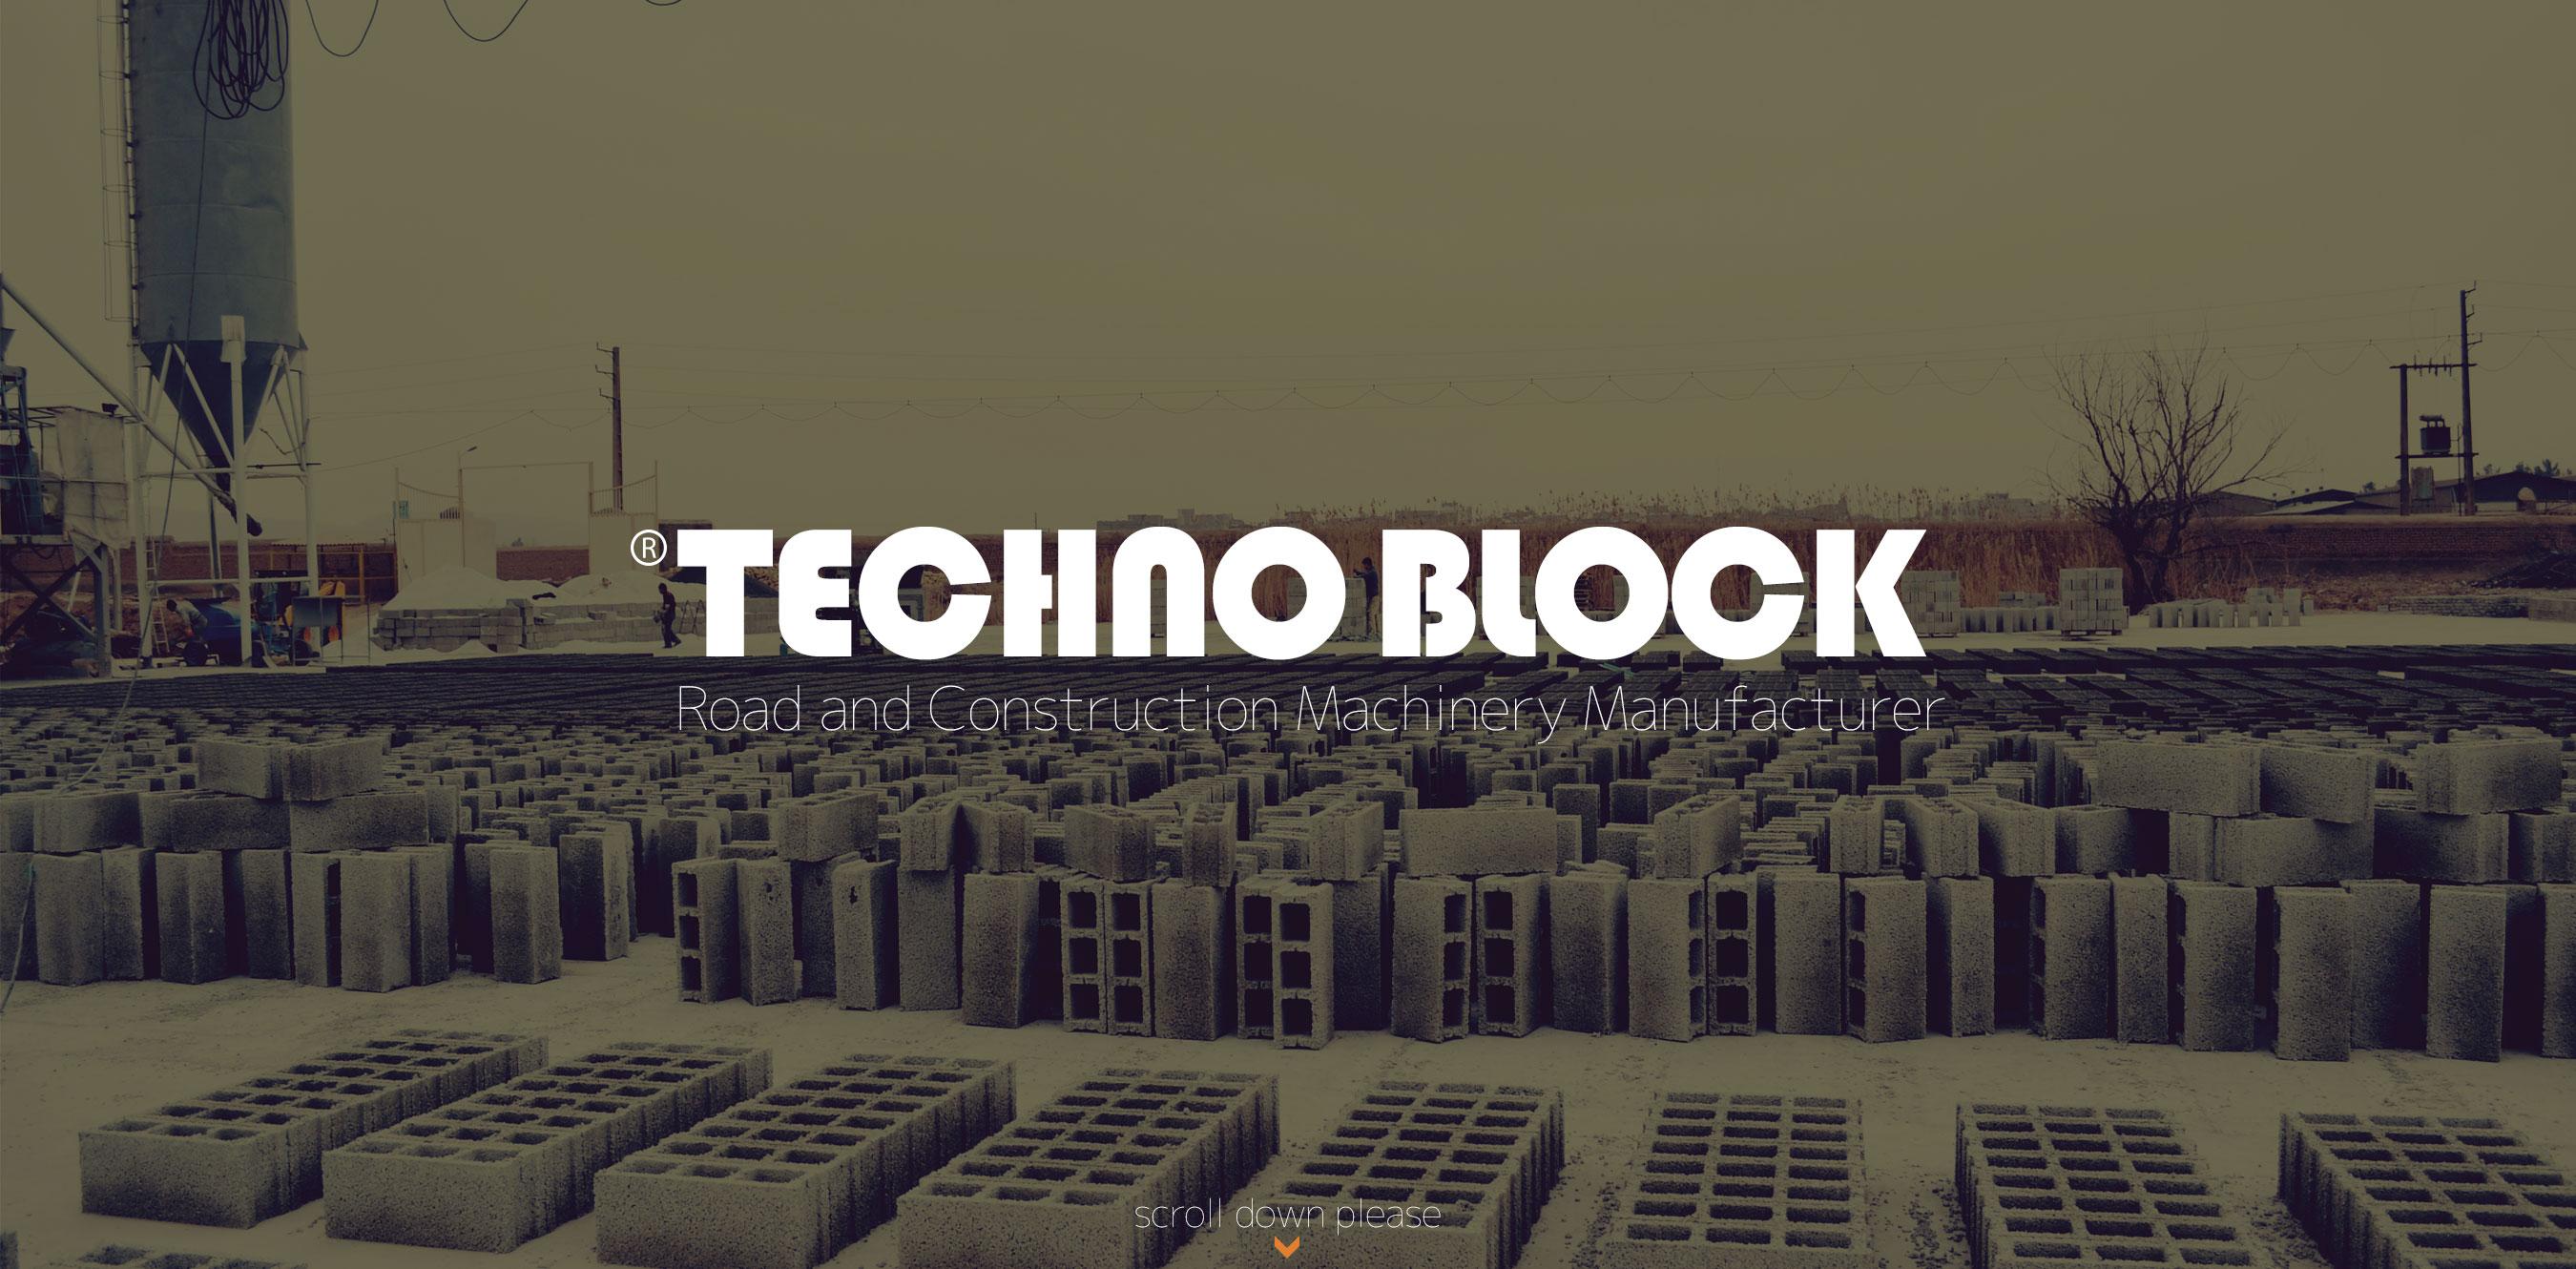 تکنوبلوک - سازنده ماشین آلات تولید قطعات بتنی ( بلوک، سنگفرش، جدول )technoblock